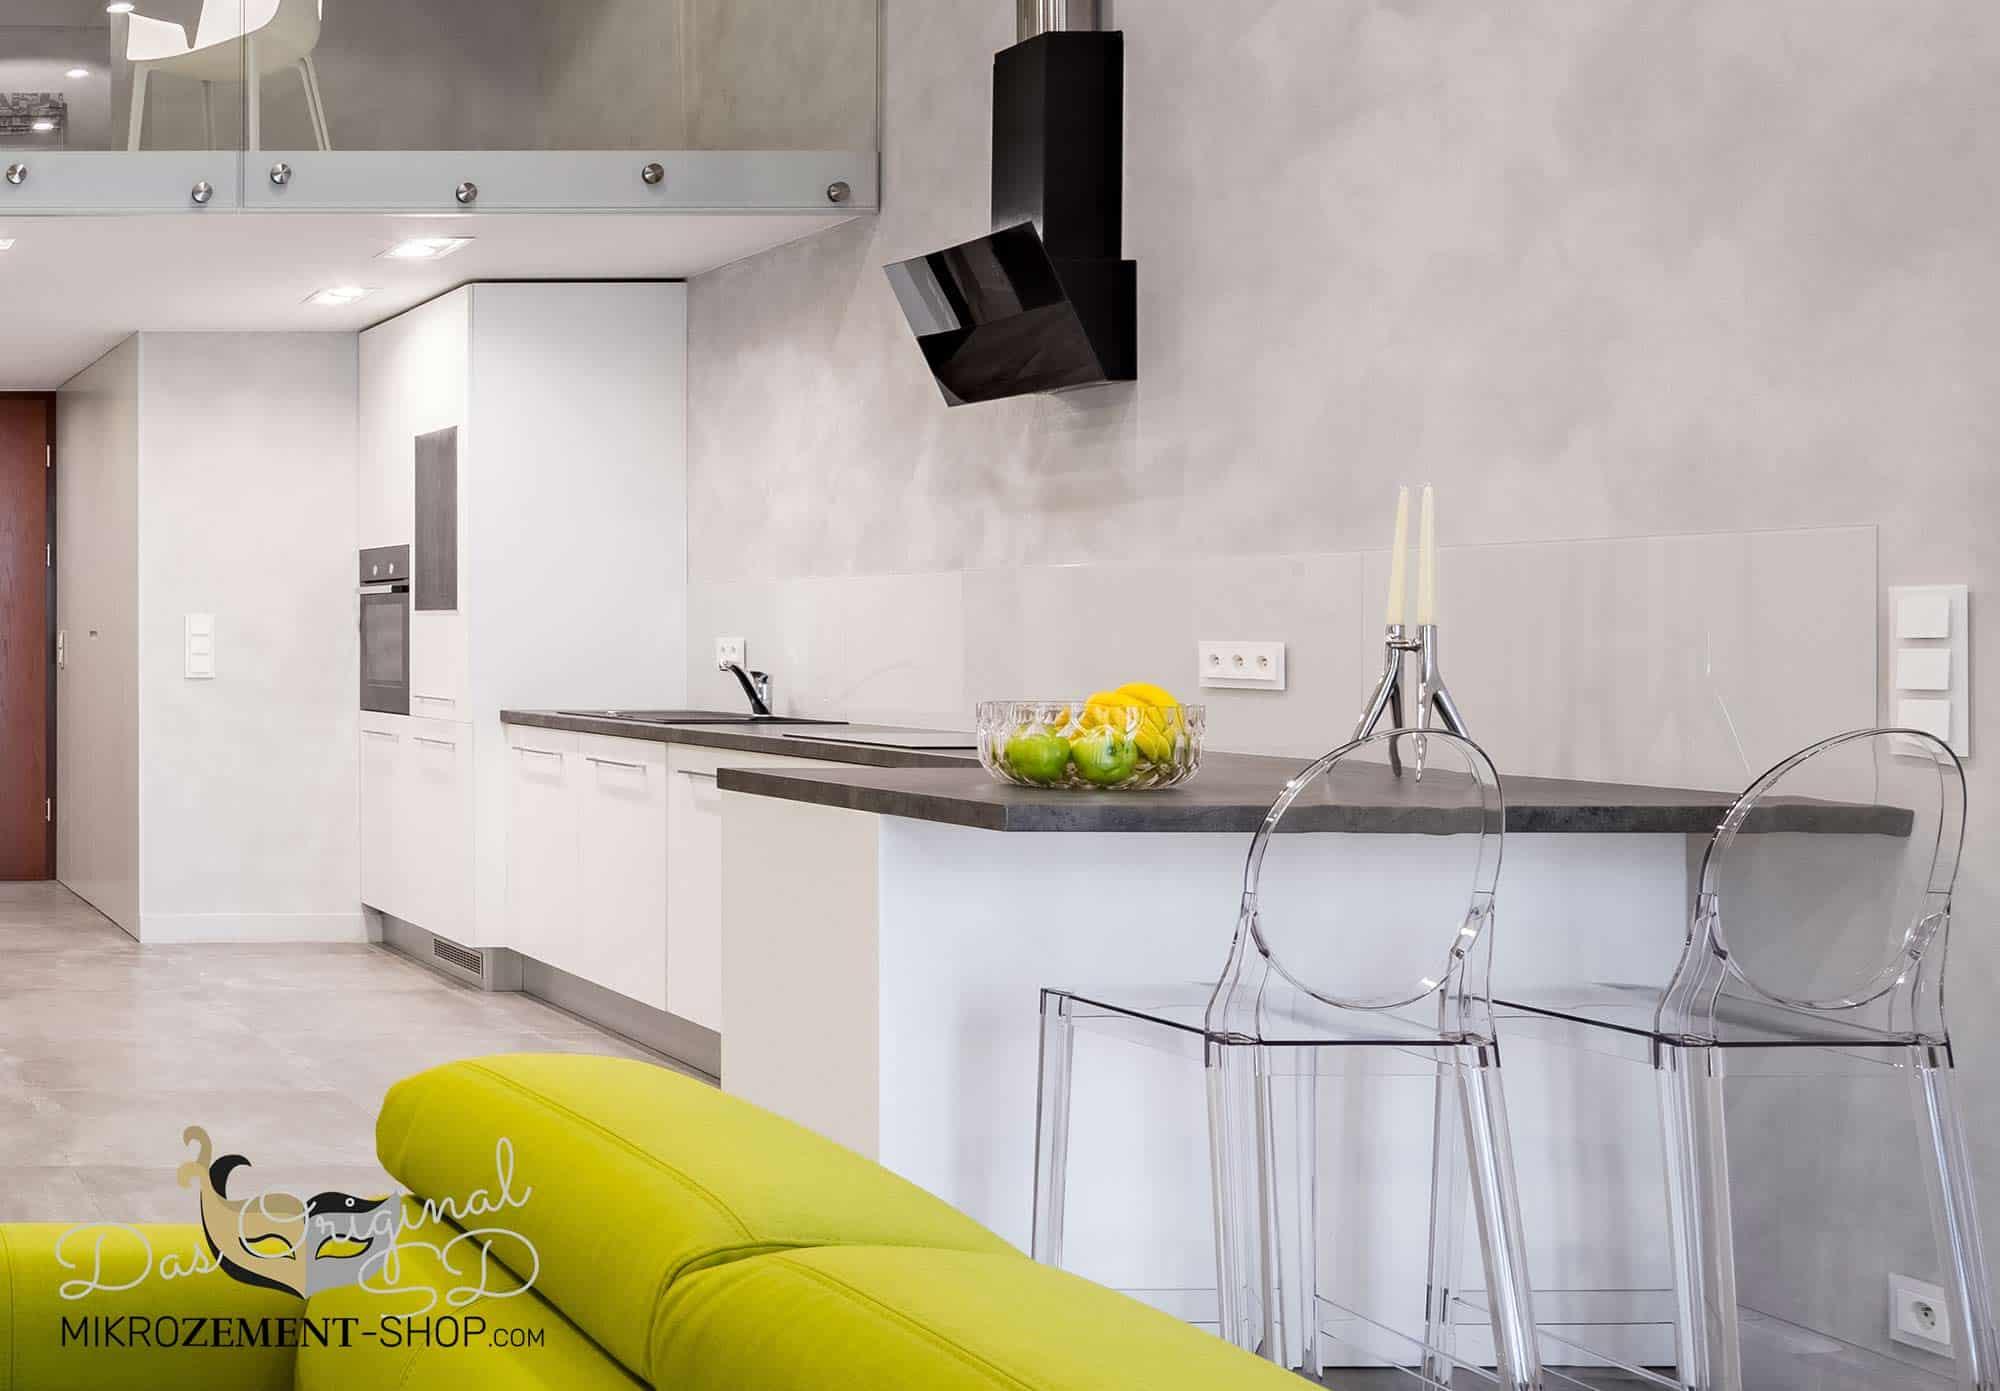 Mikrozement Wand Küche Wohnwand Loft grau